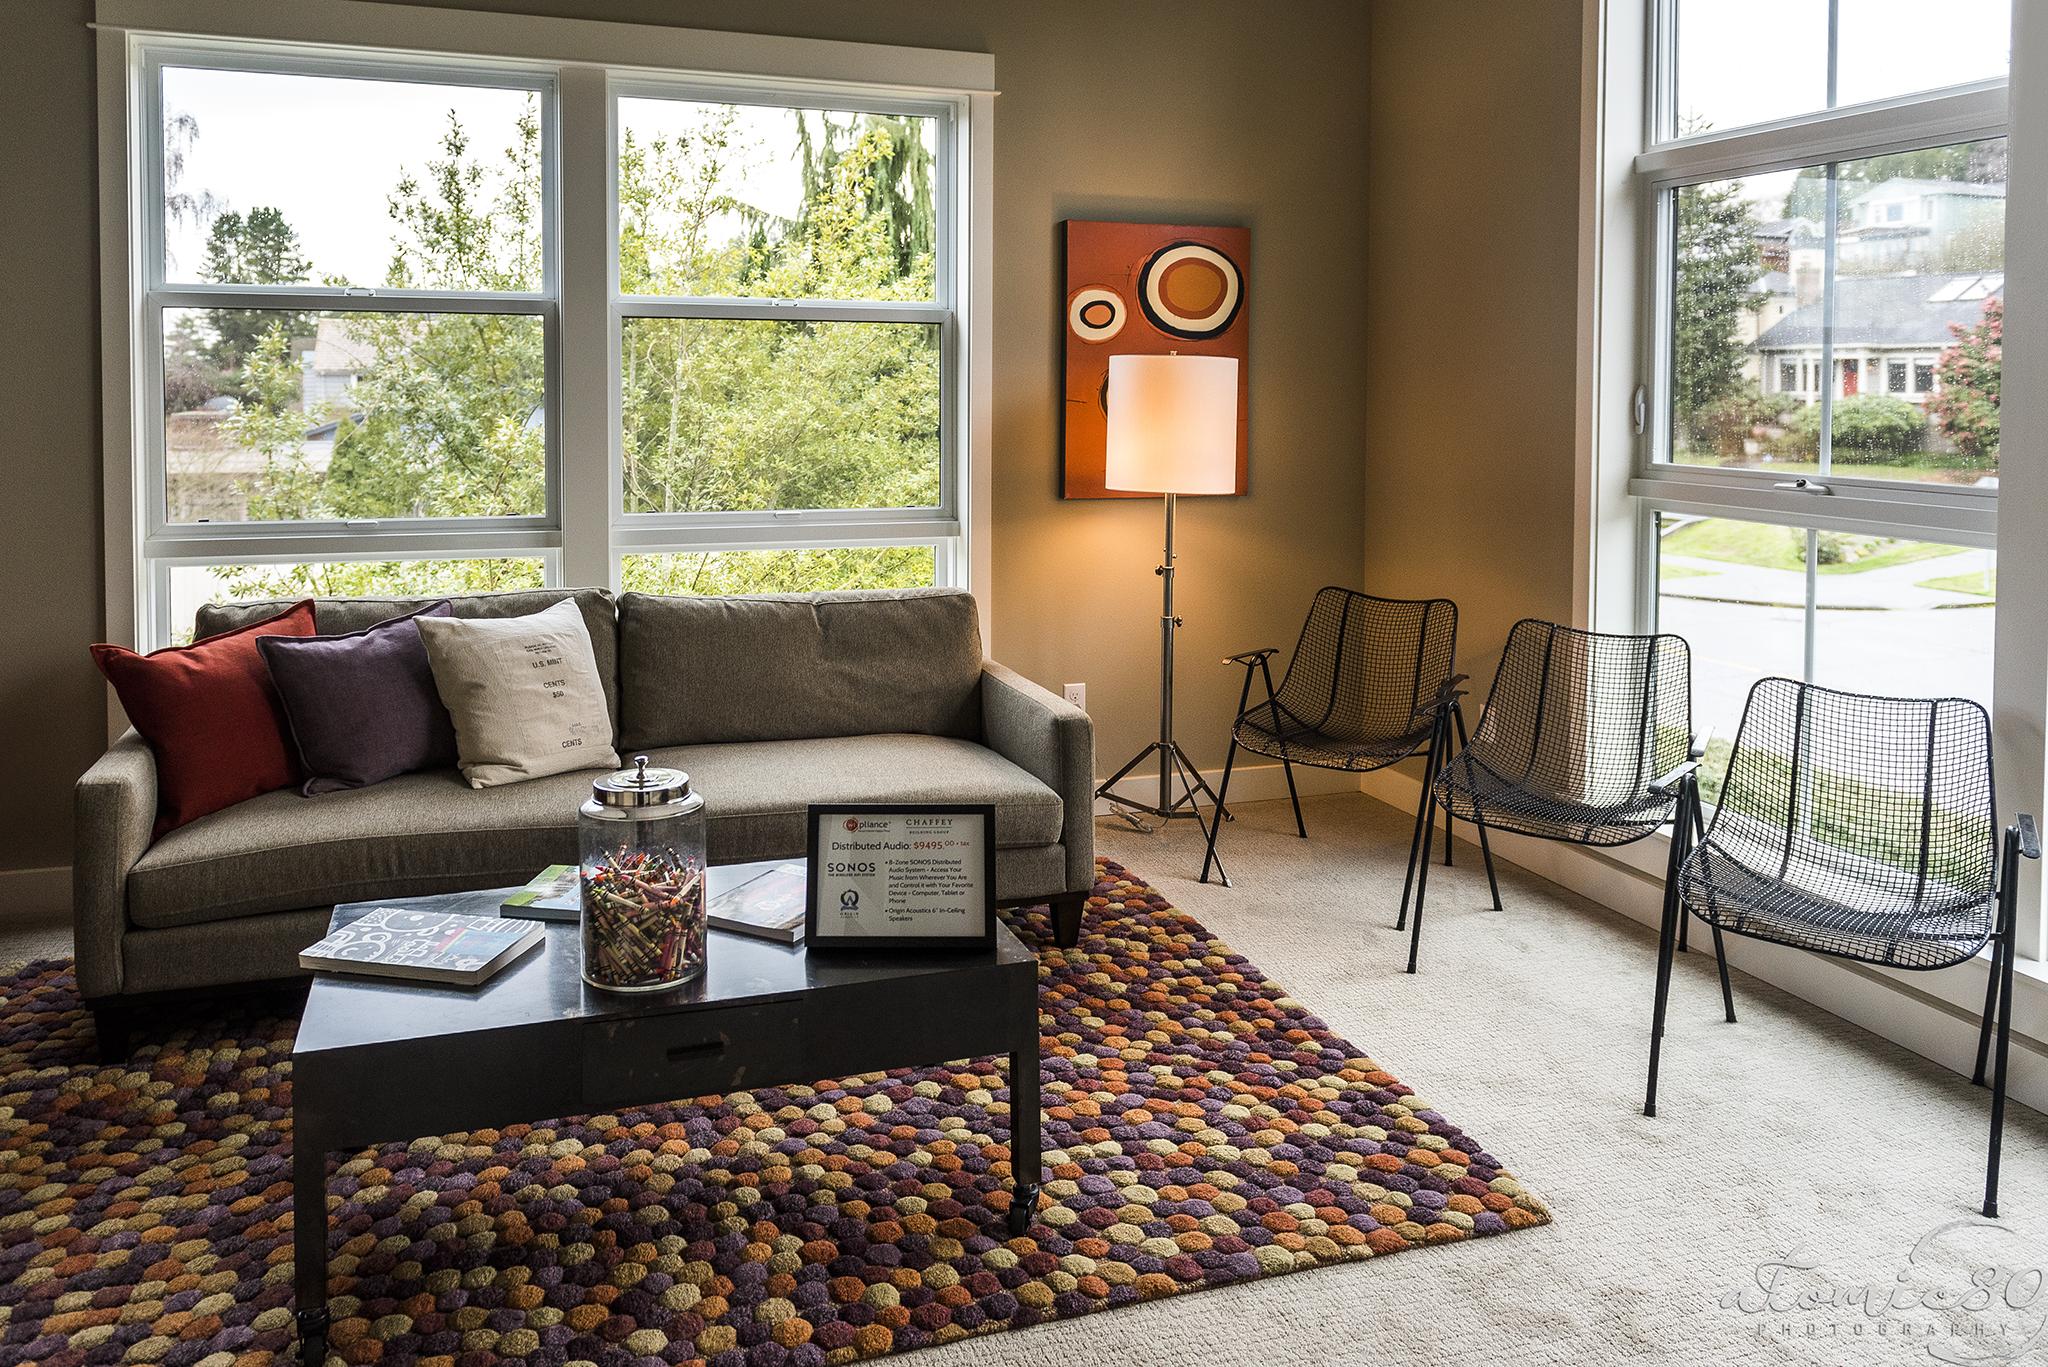 wipliance smart home